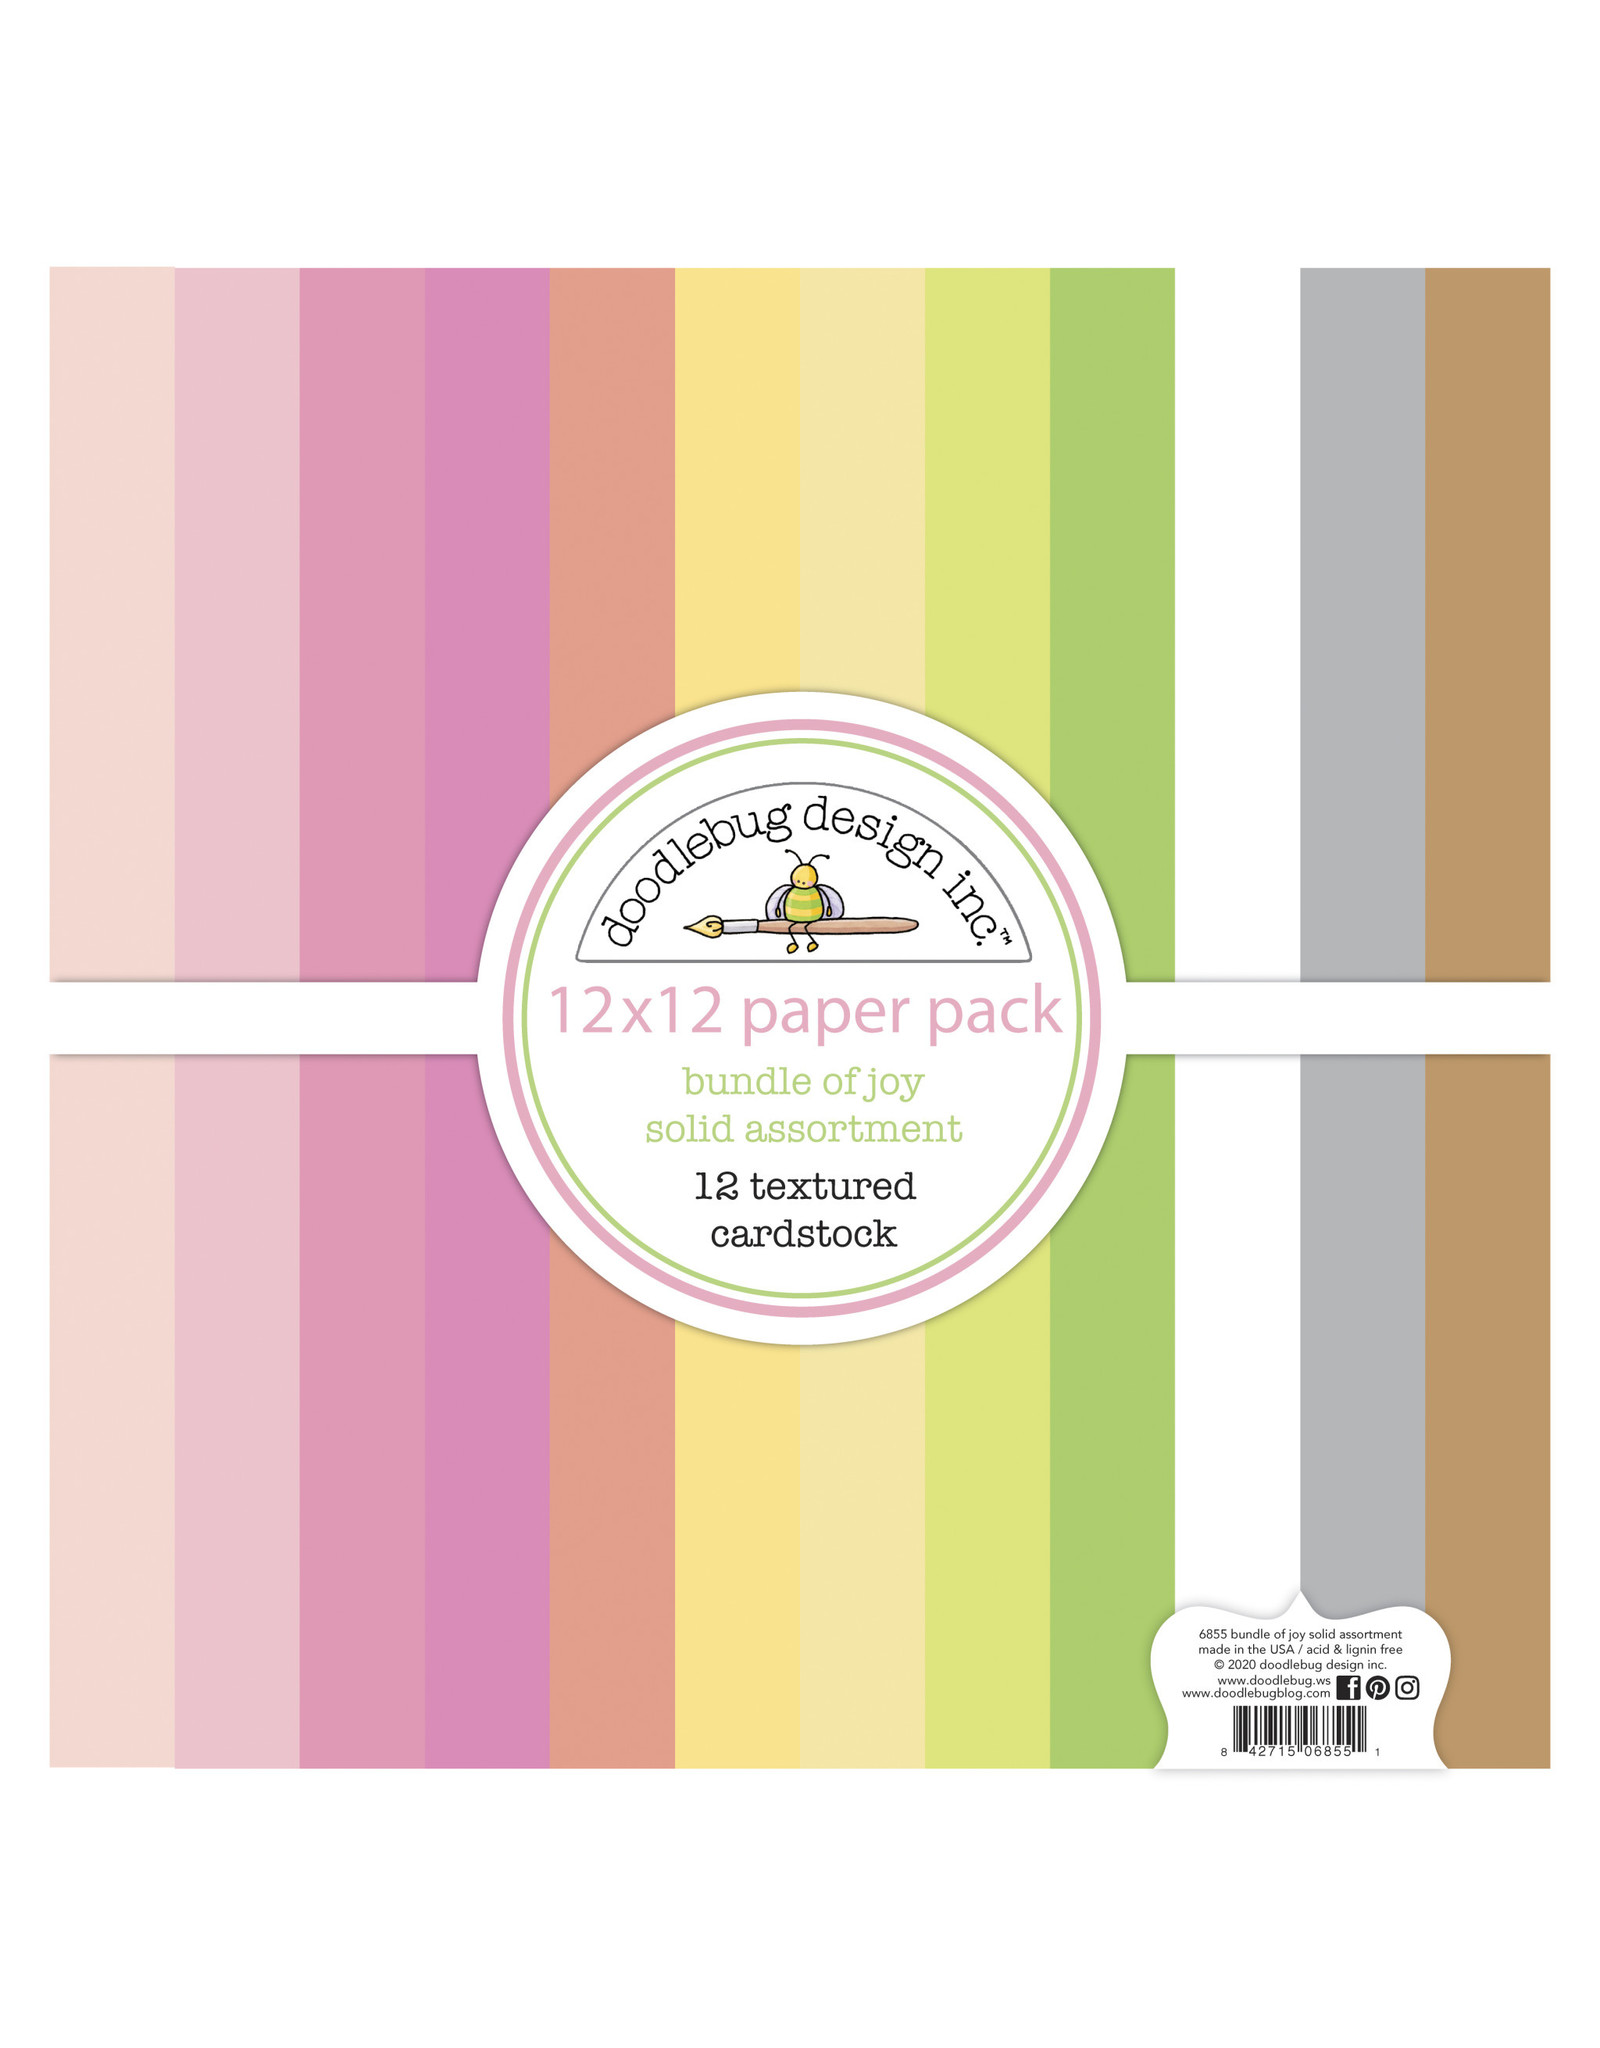 Doodlebug Design bundle of joy textured cardstock